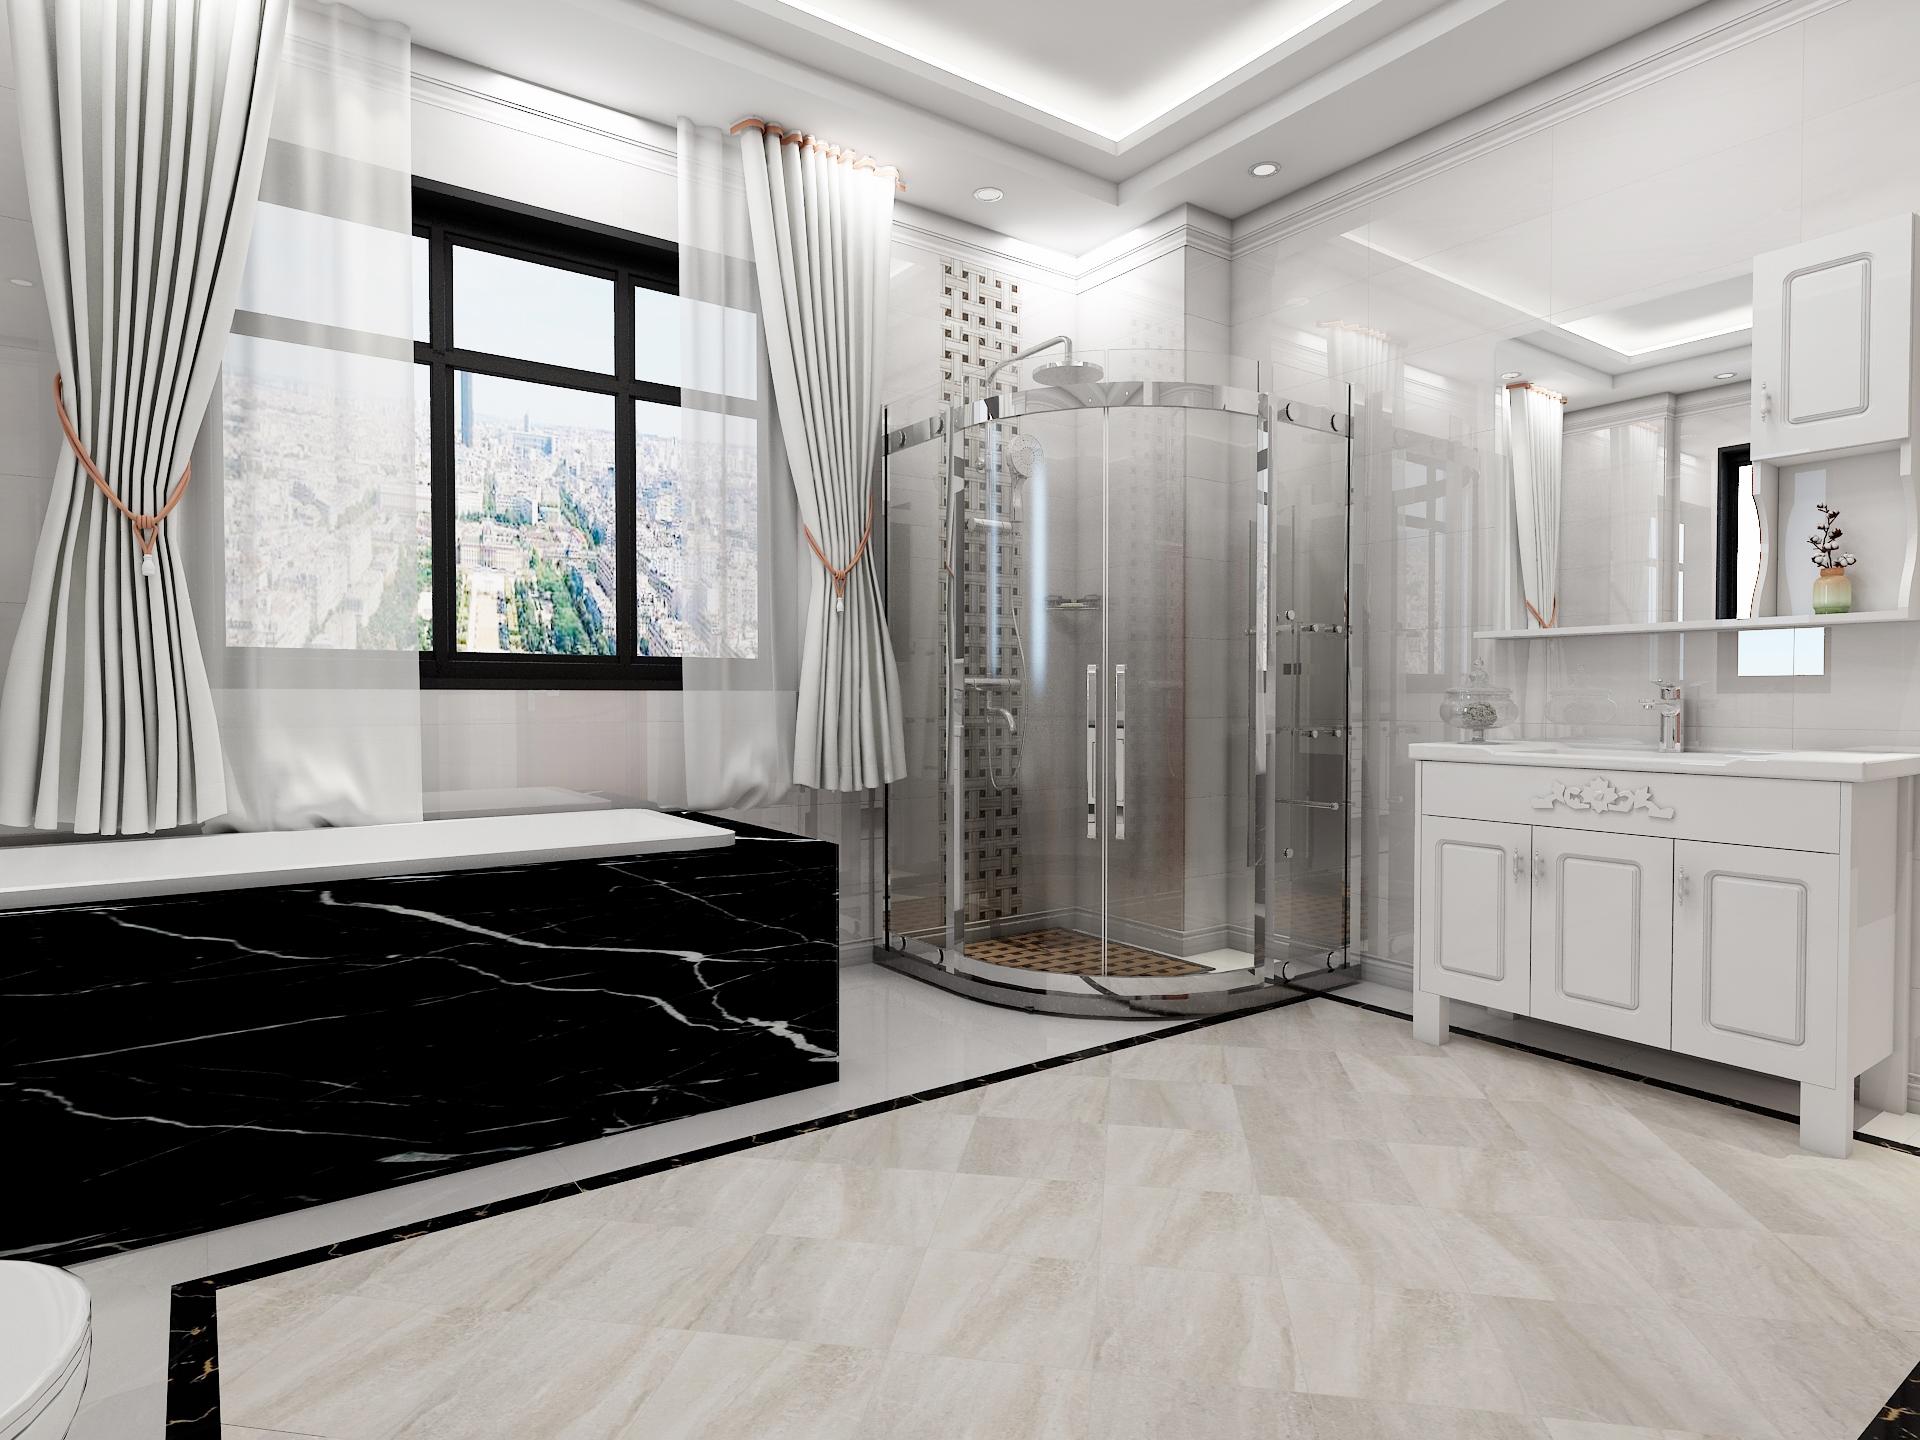 金柏丽雅卫浴丨卫浴间的新时尚,小资情调的生活享受